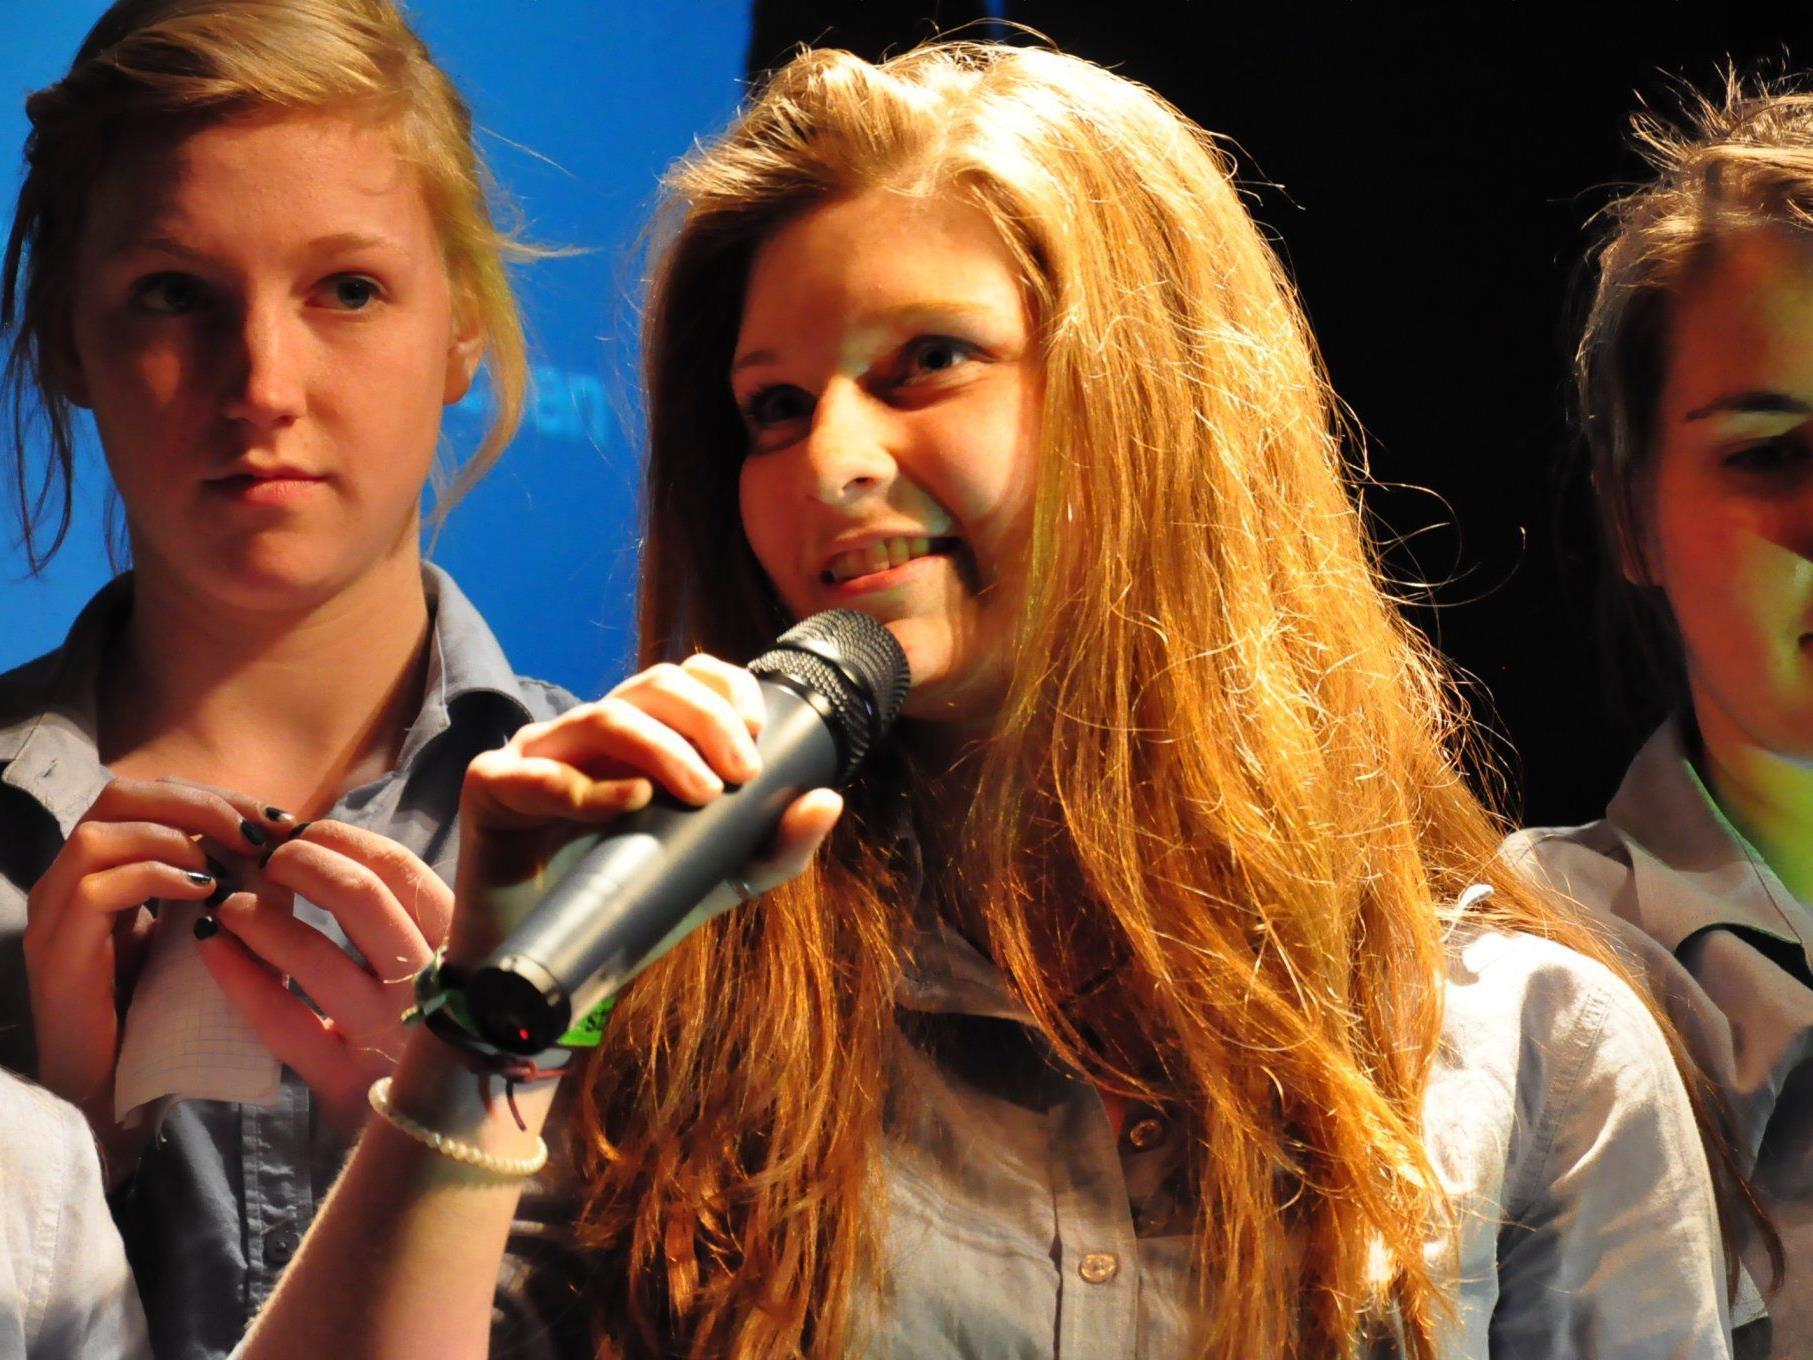 Prämierung zum SchülerInnenwettbewerb 2012 fand im K-Shake statt.